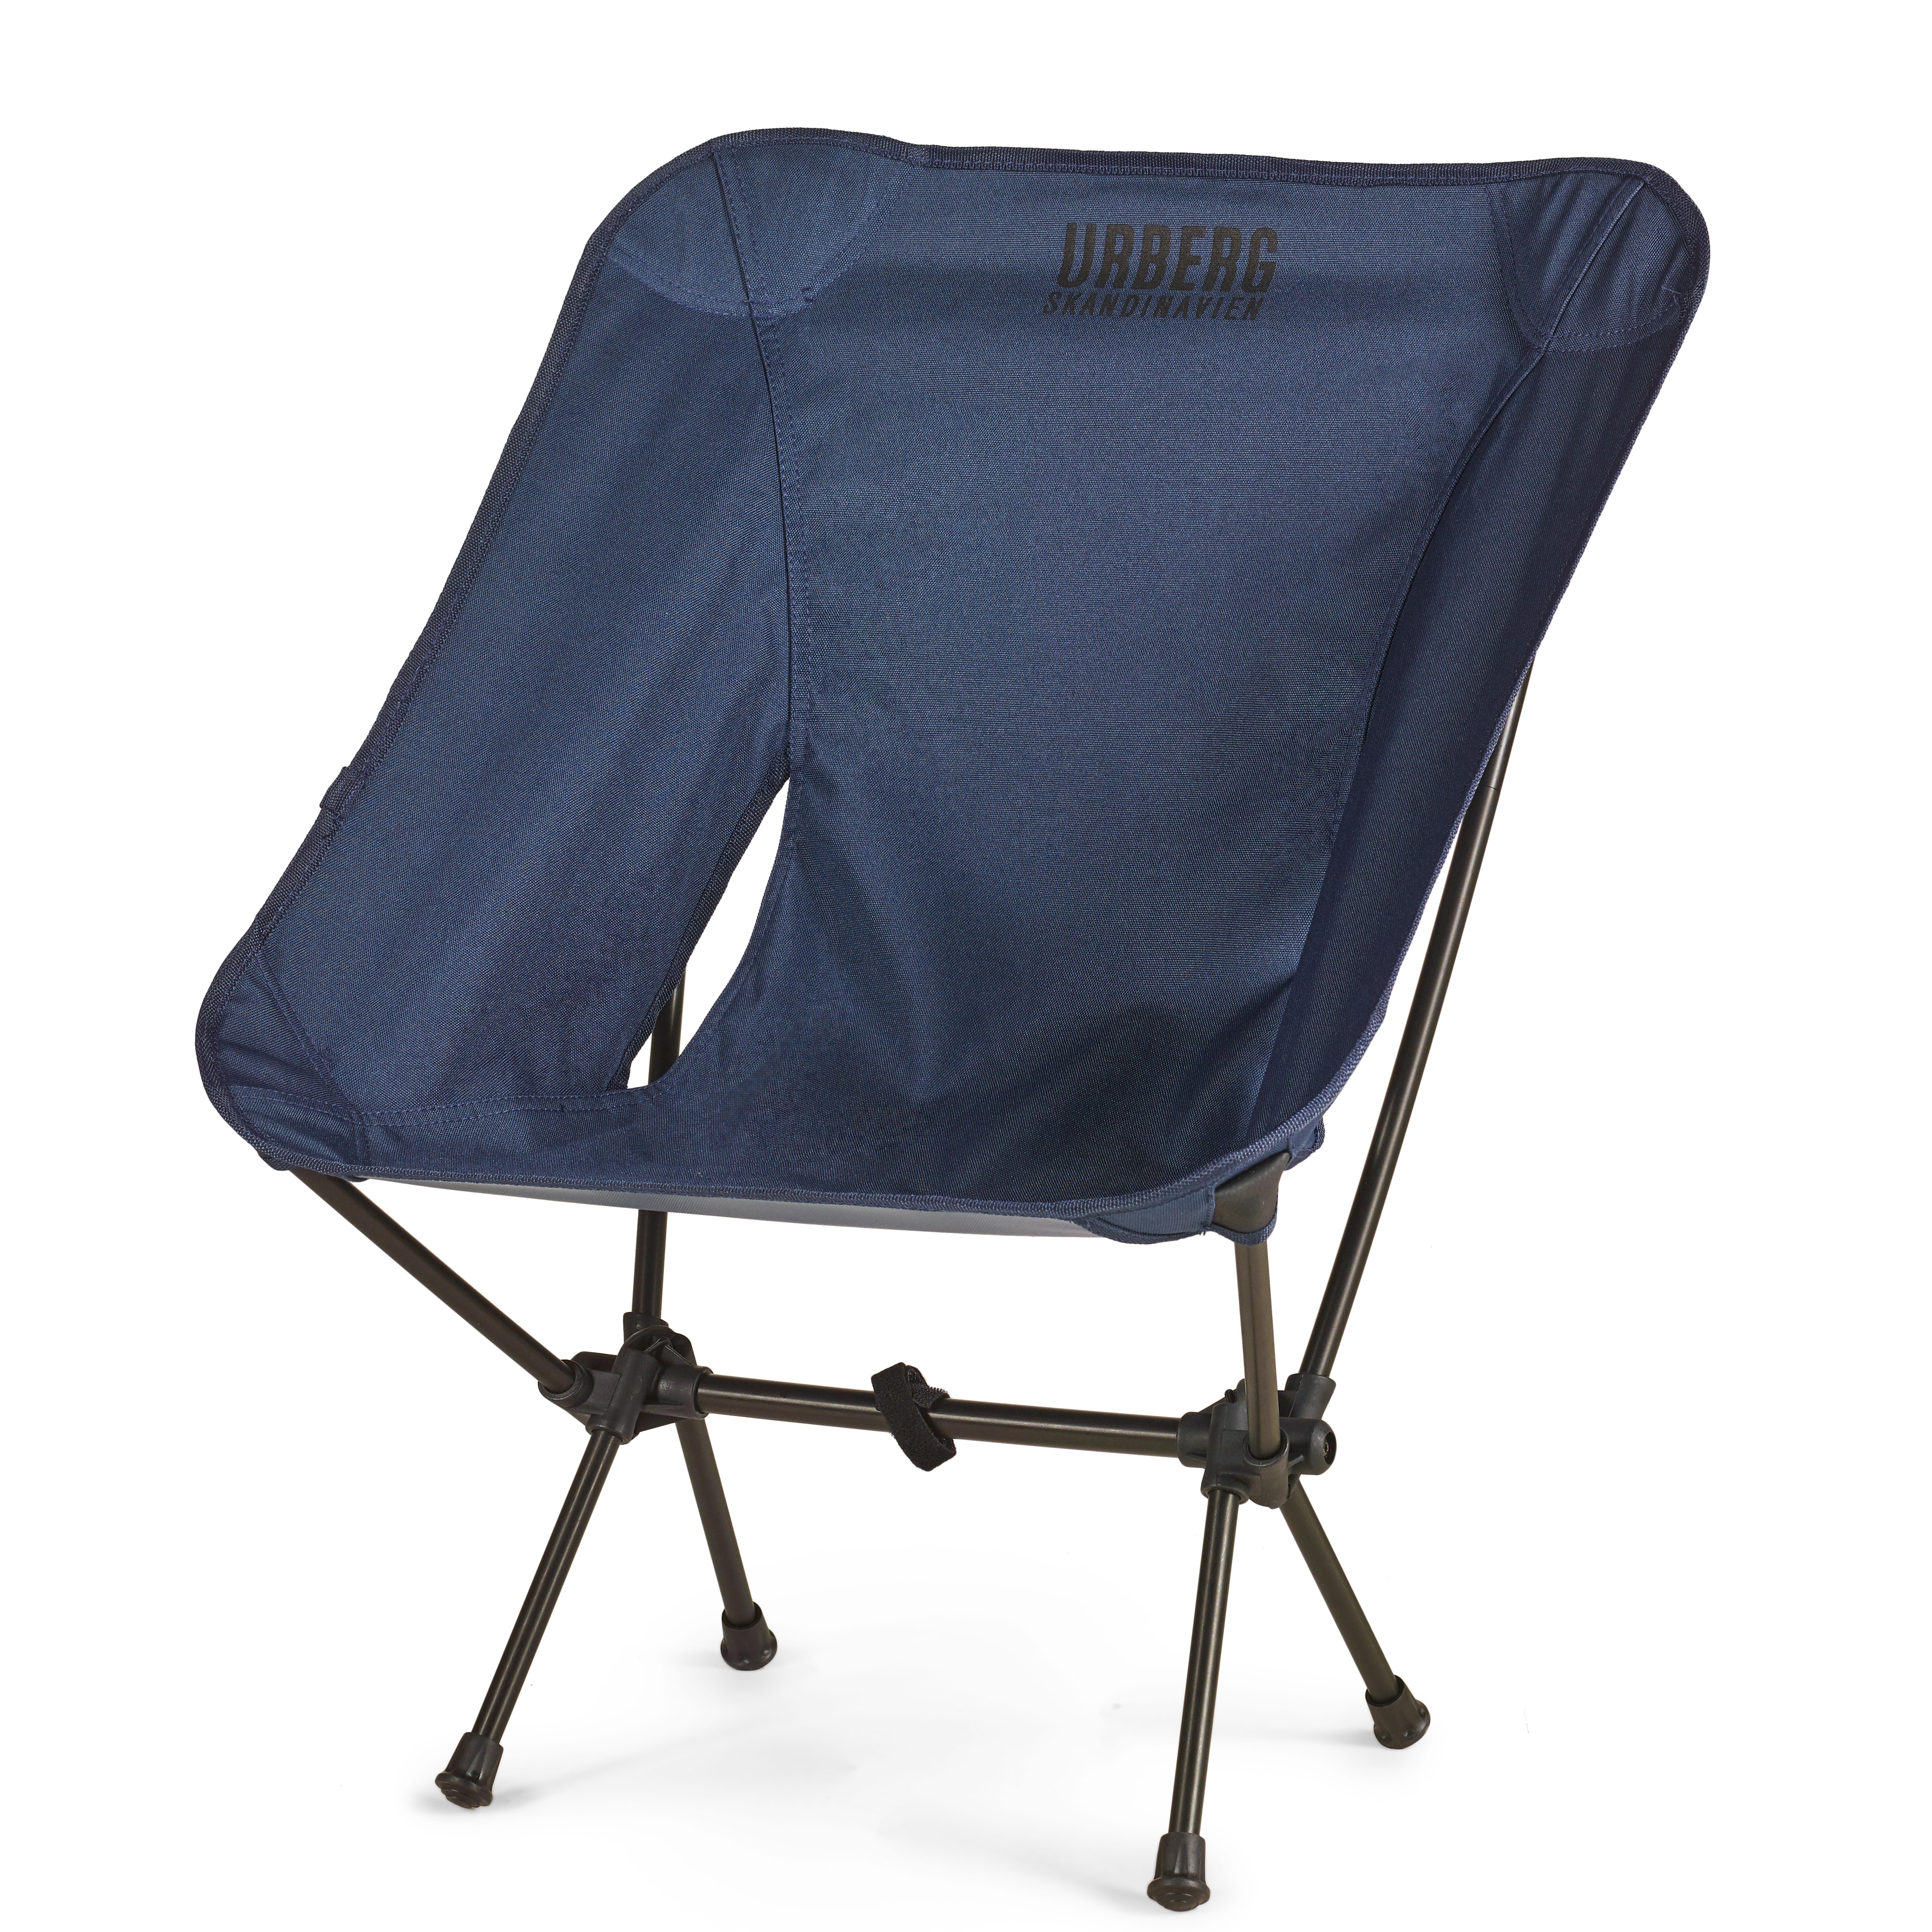 Kjøp Urberg Wildlight Small Chair fra Outnorth